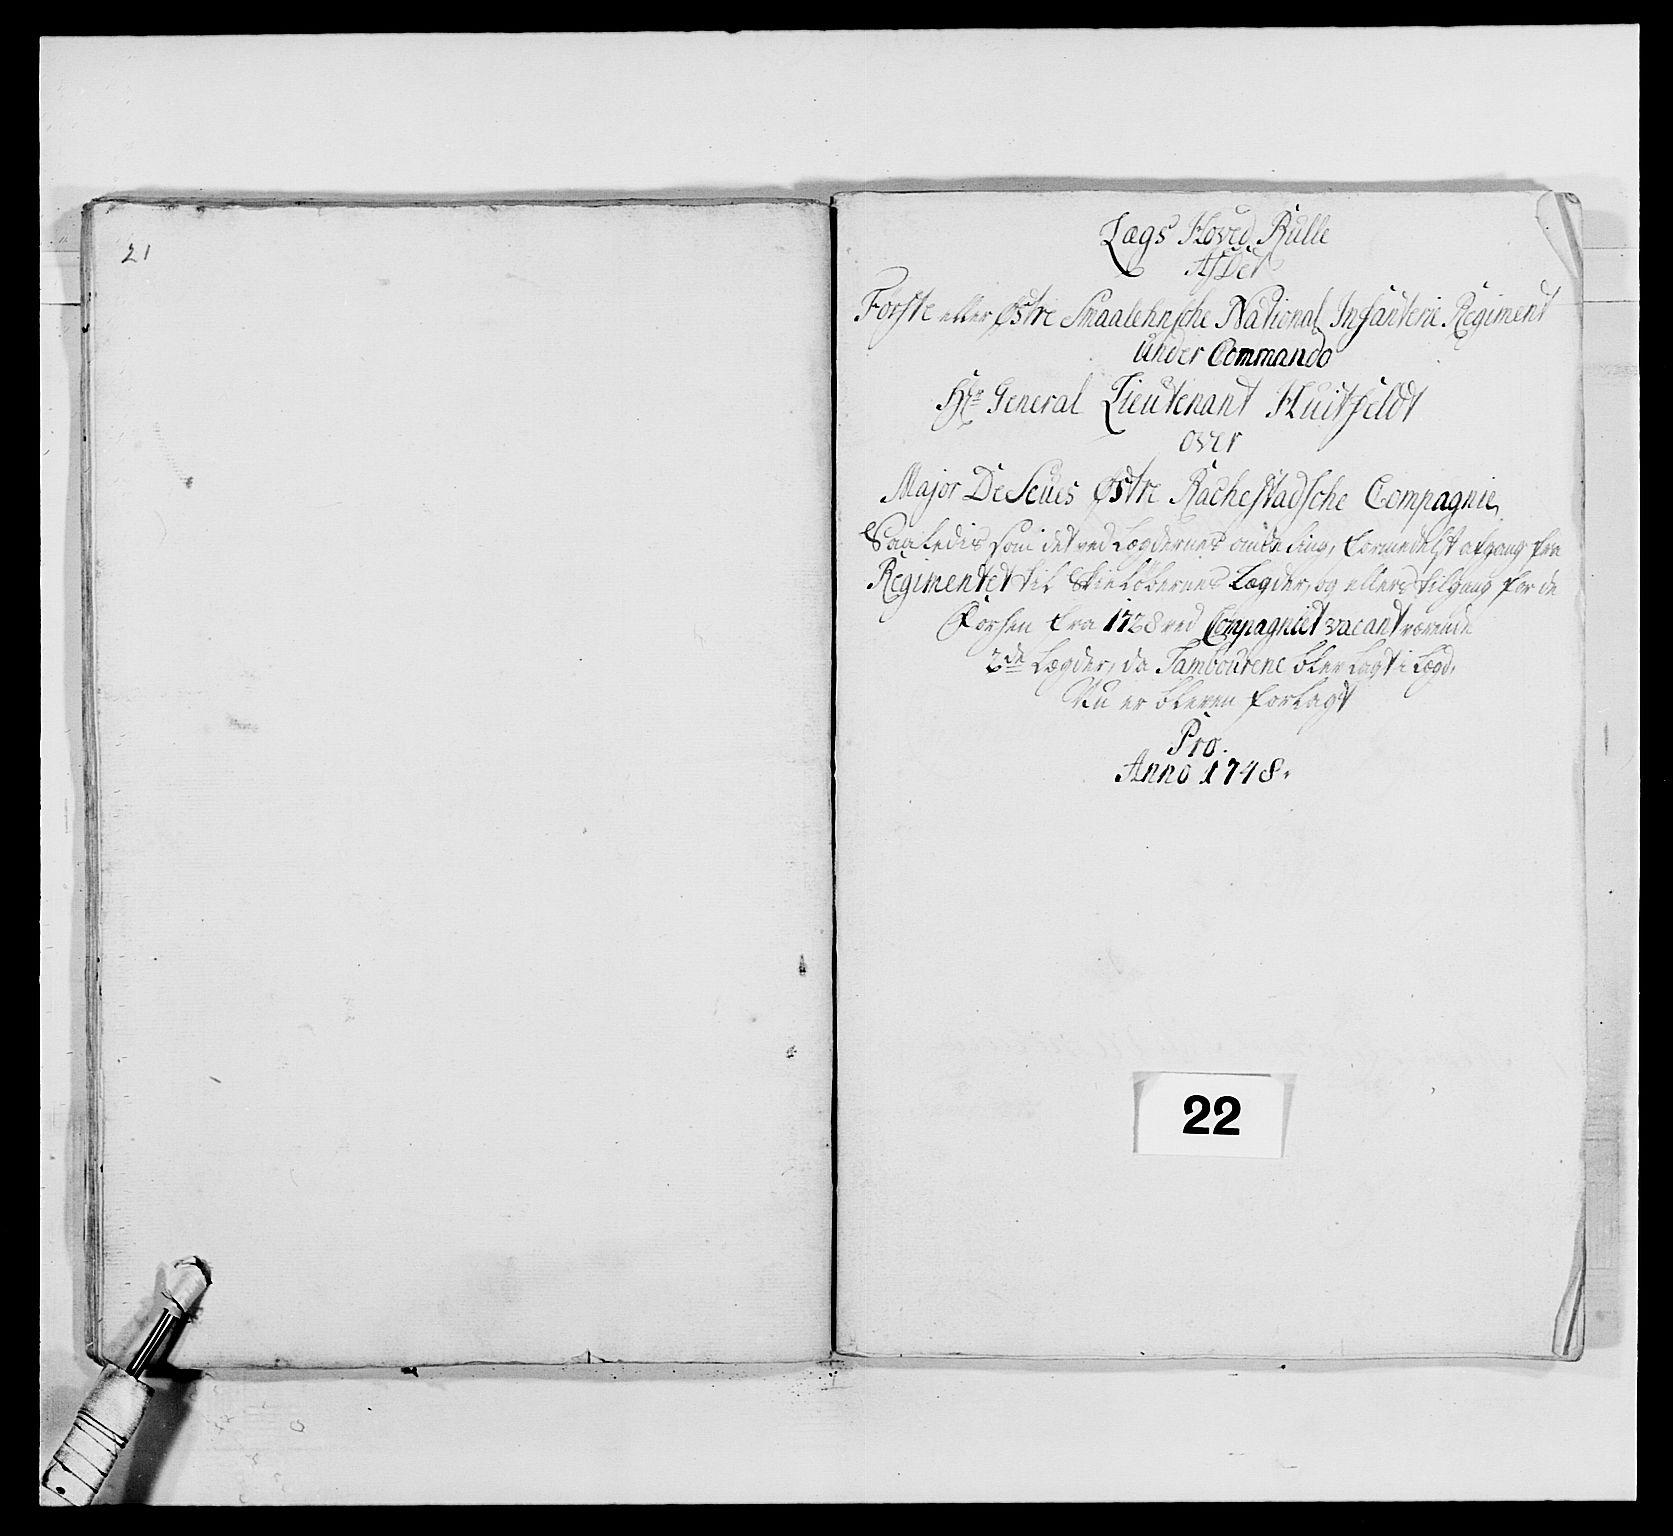 RA, Kommanderende general (KG I) med Det norske krigsdirektorium, E/Ea/L0495: 1. Smålenske regiment, 1732-1763, s. 306